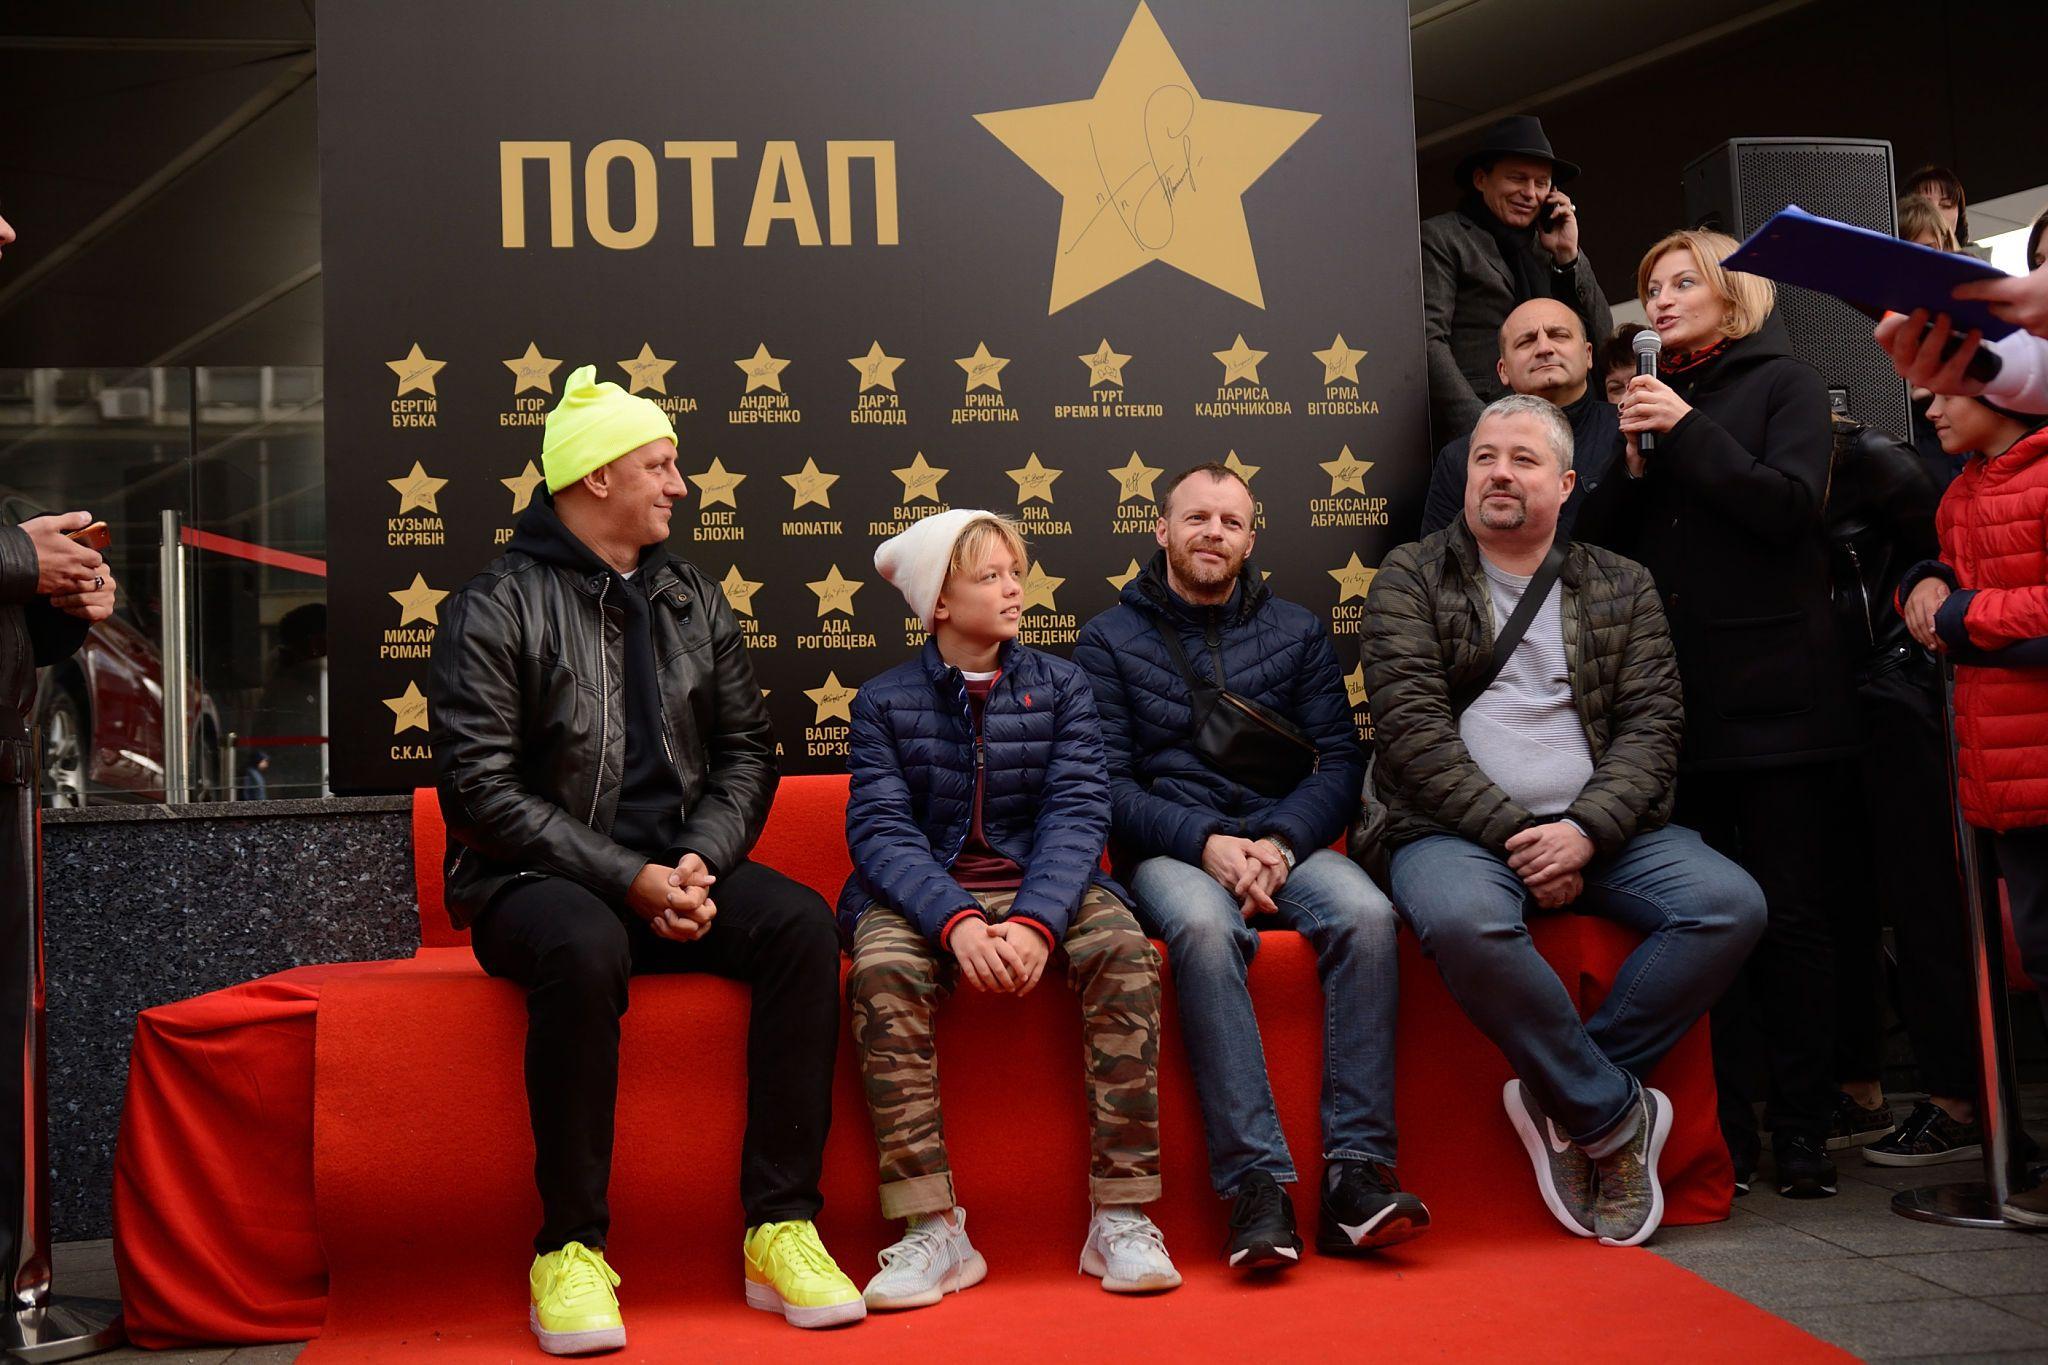 Потап іменна зірка в Києві_1